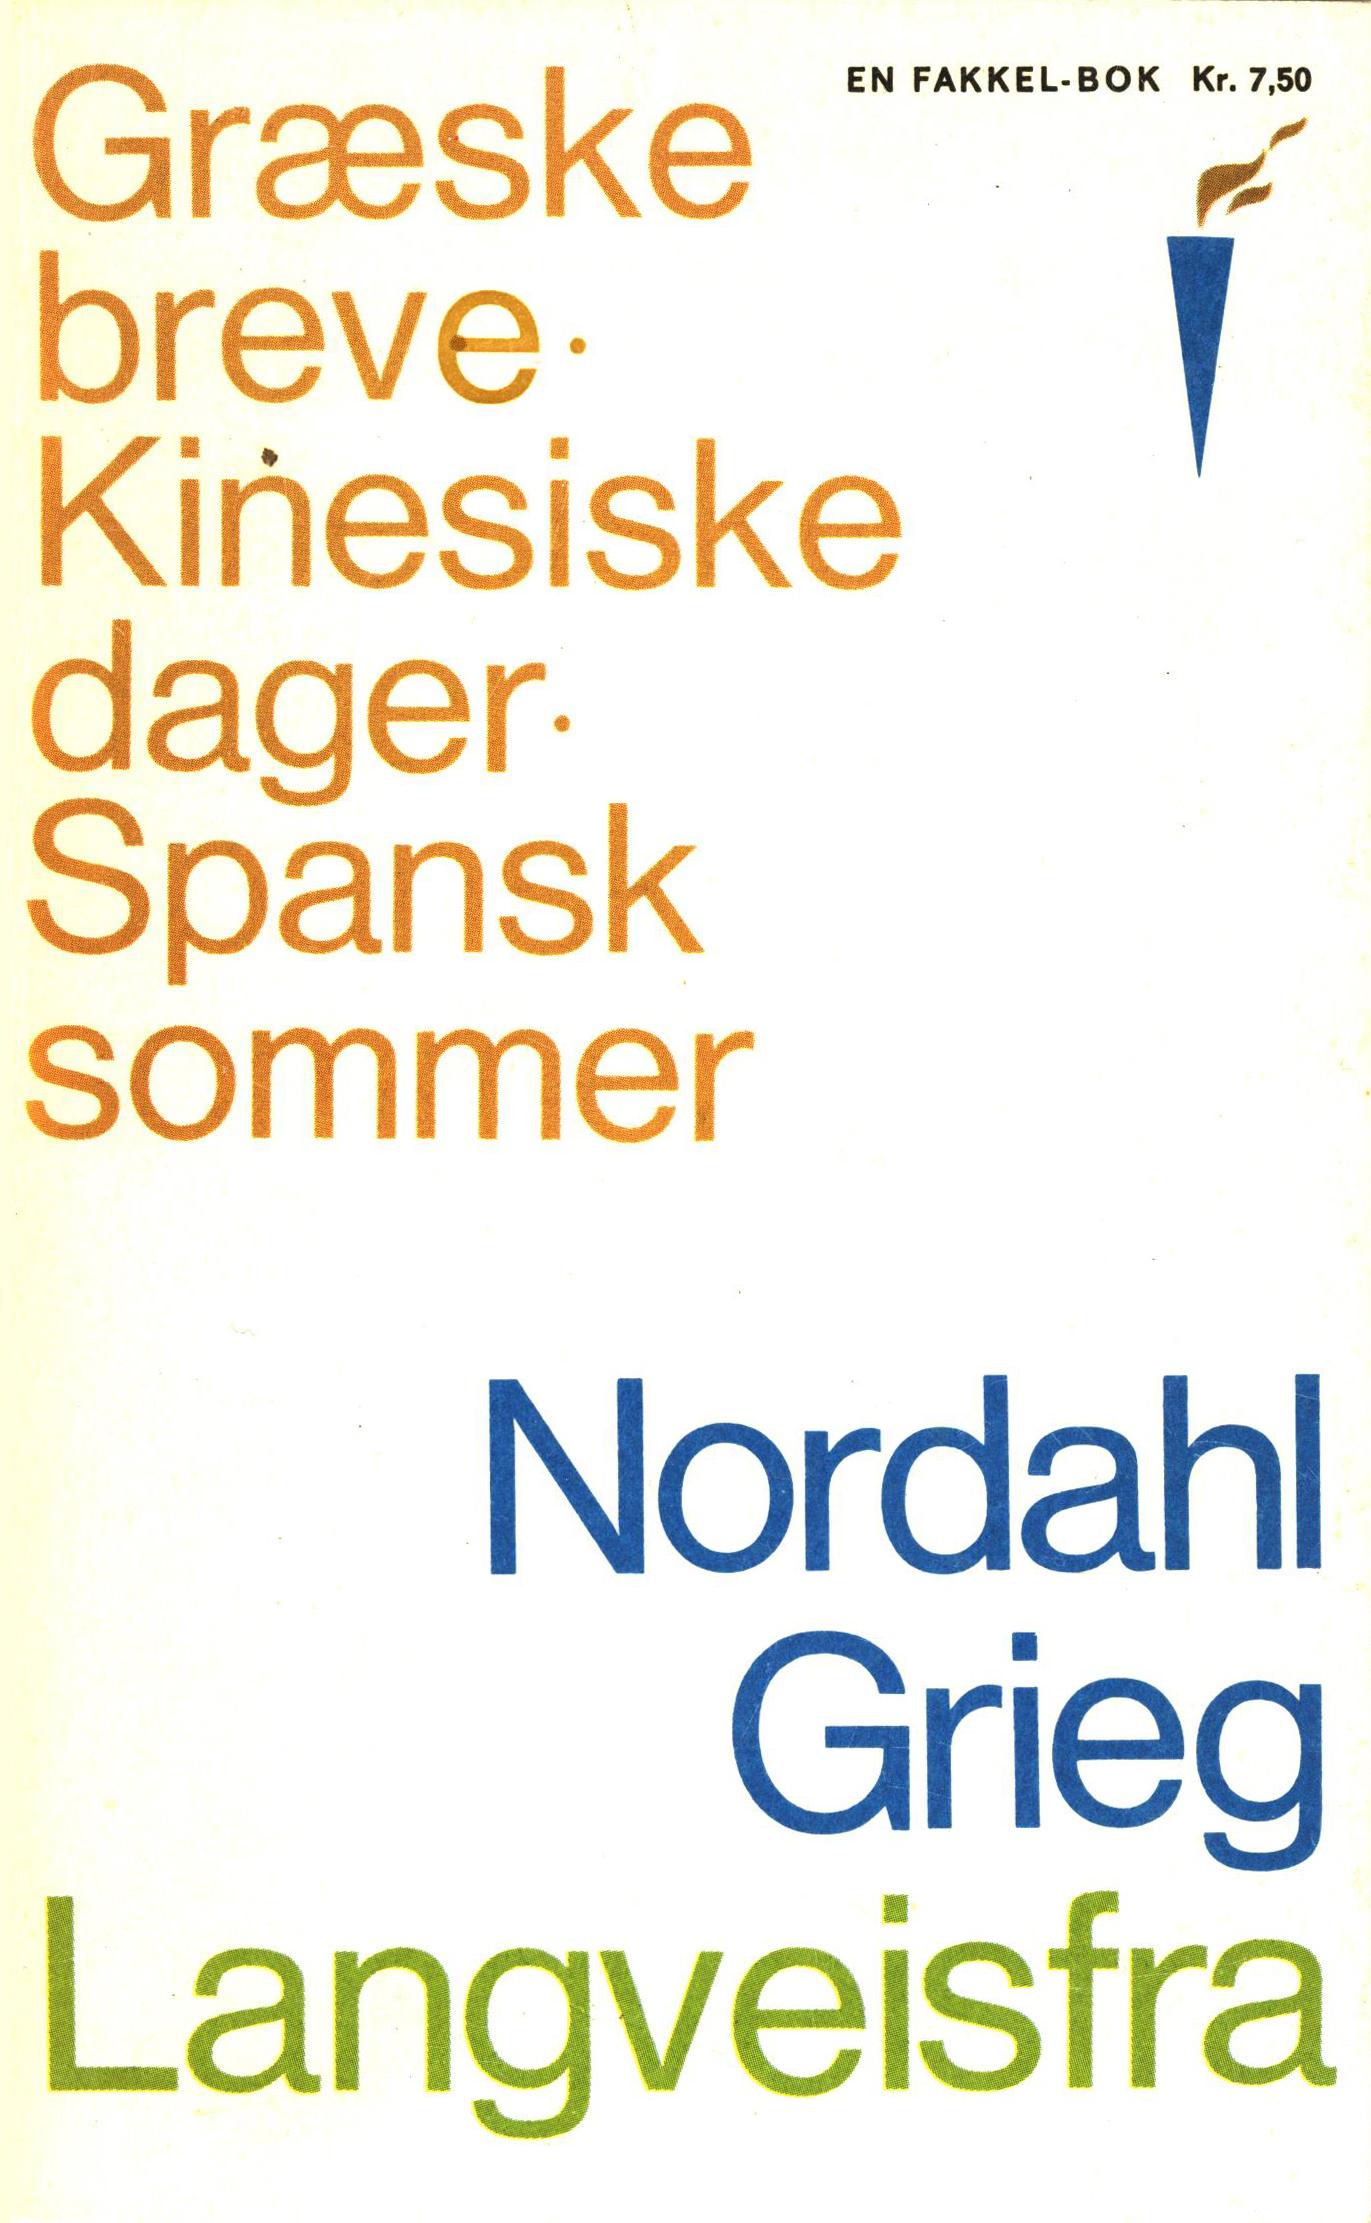 Nordahl Grieg: Langveisfra